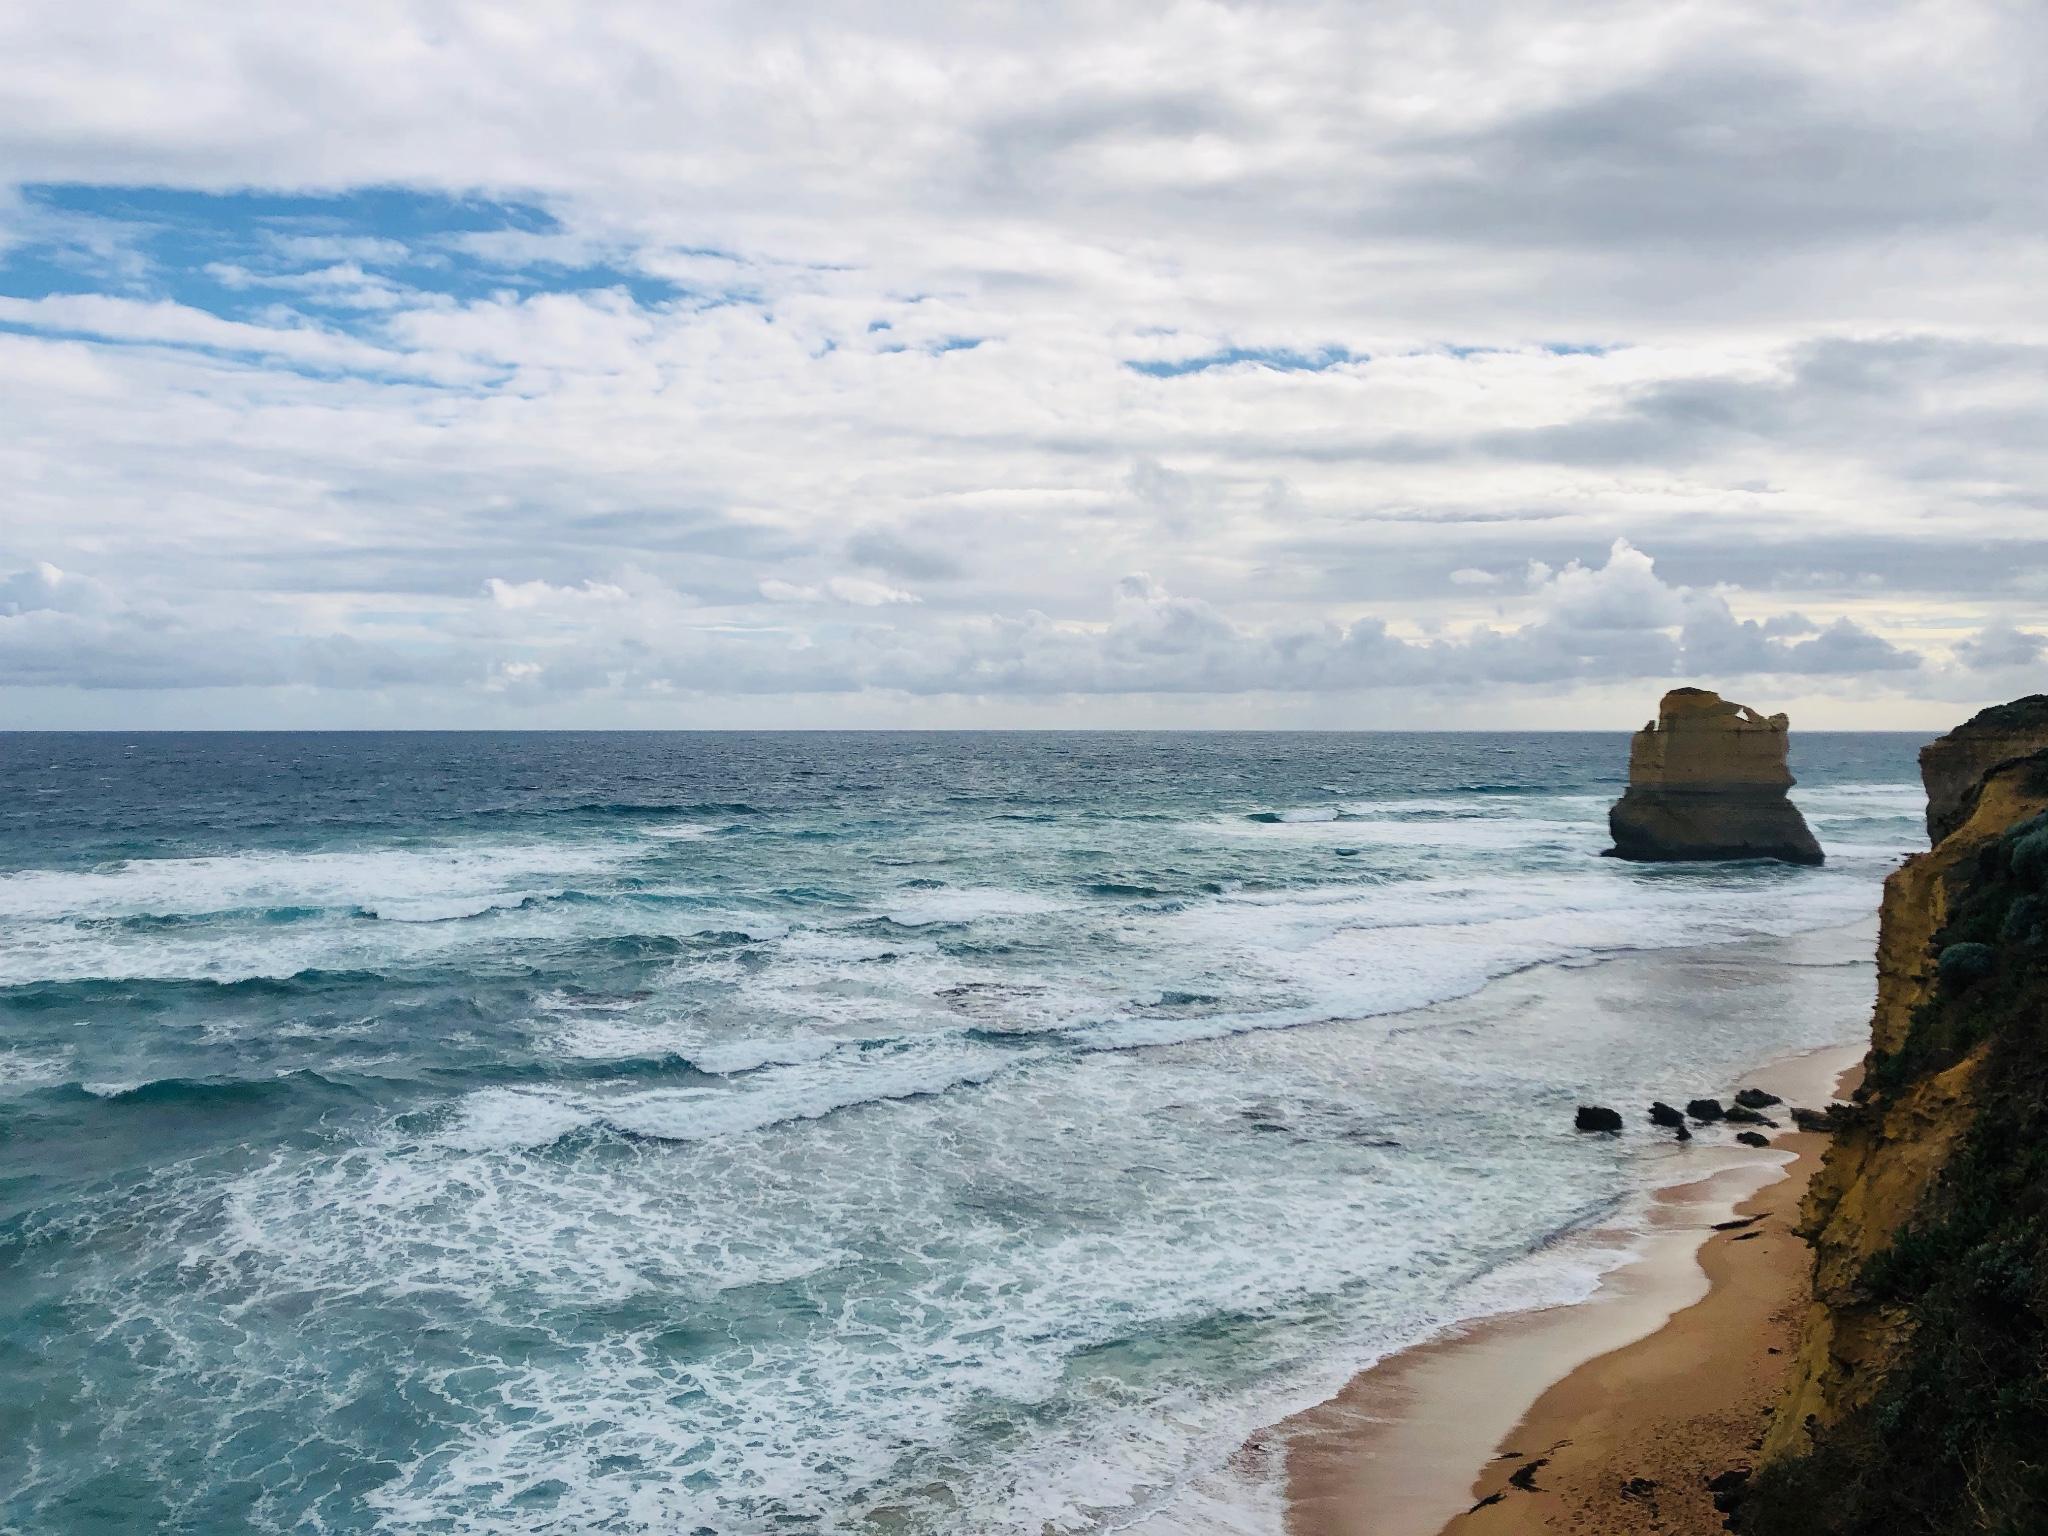 澳大利亚-房车自驾-奔向最美大洋路(三)-内附详细营地信息_游记